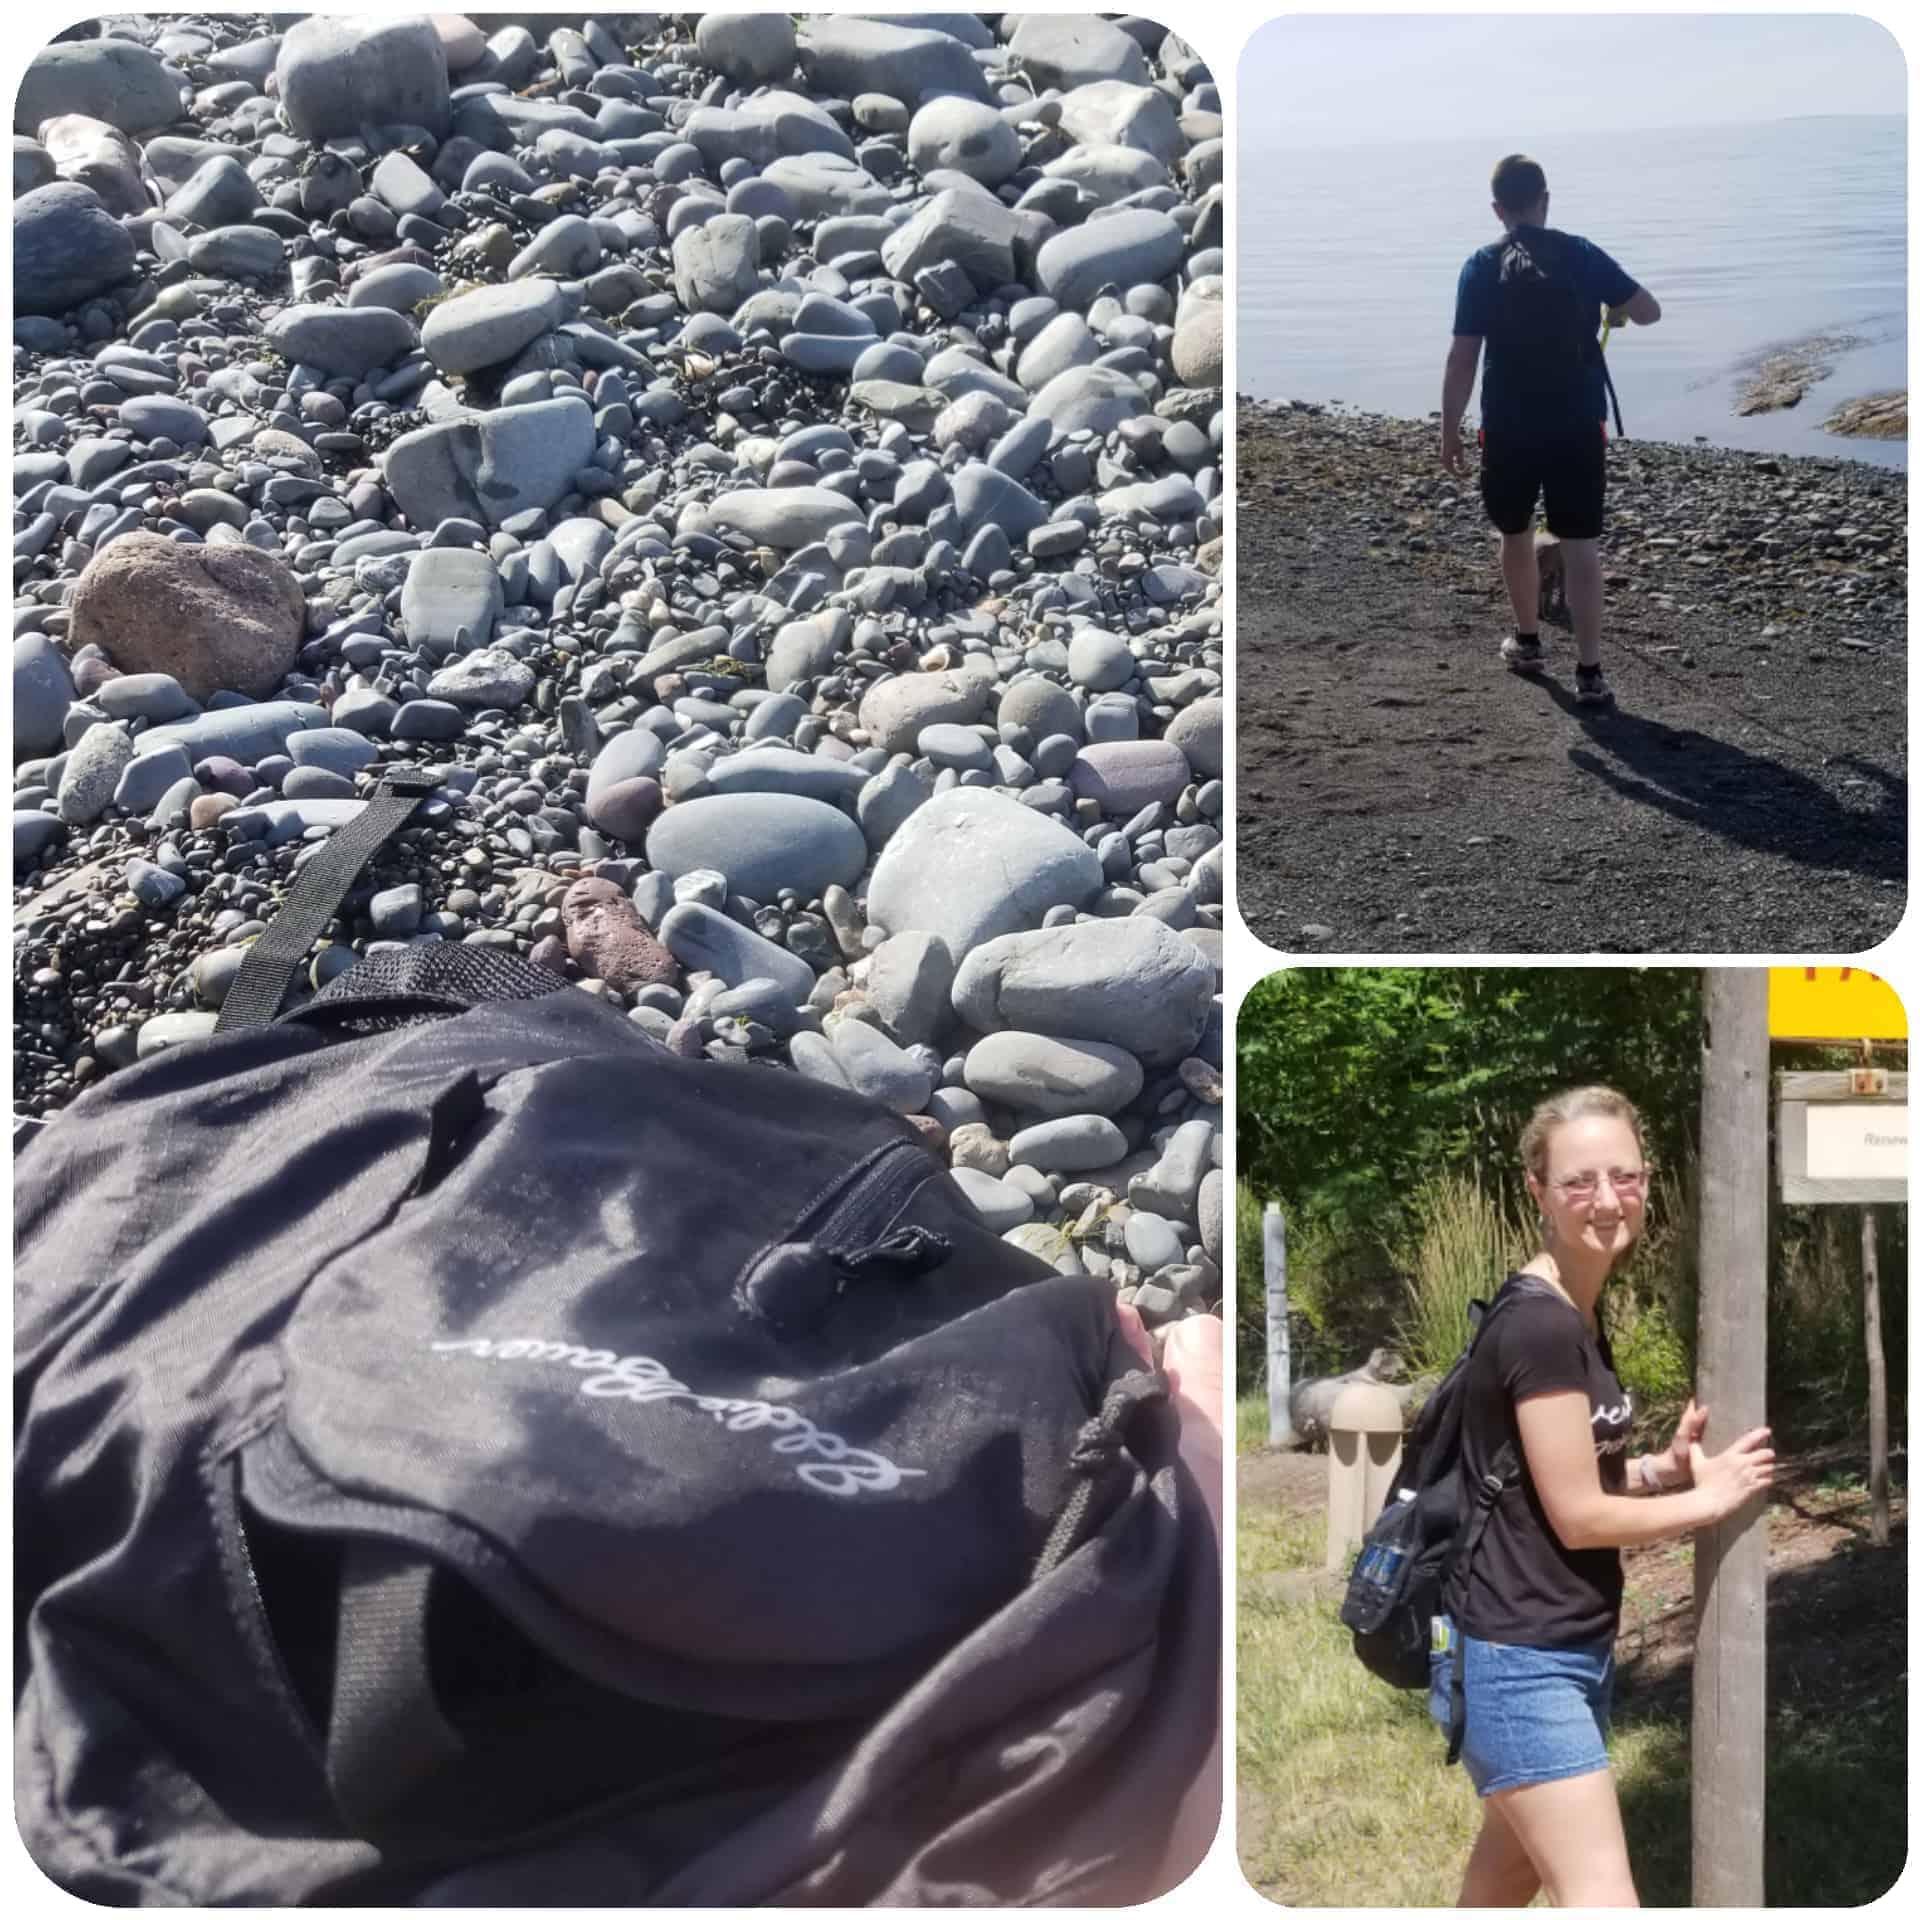 Eddie bauer hiking day pack